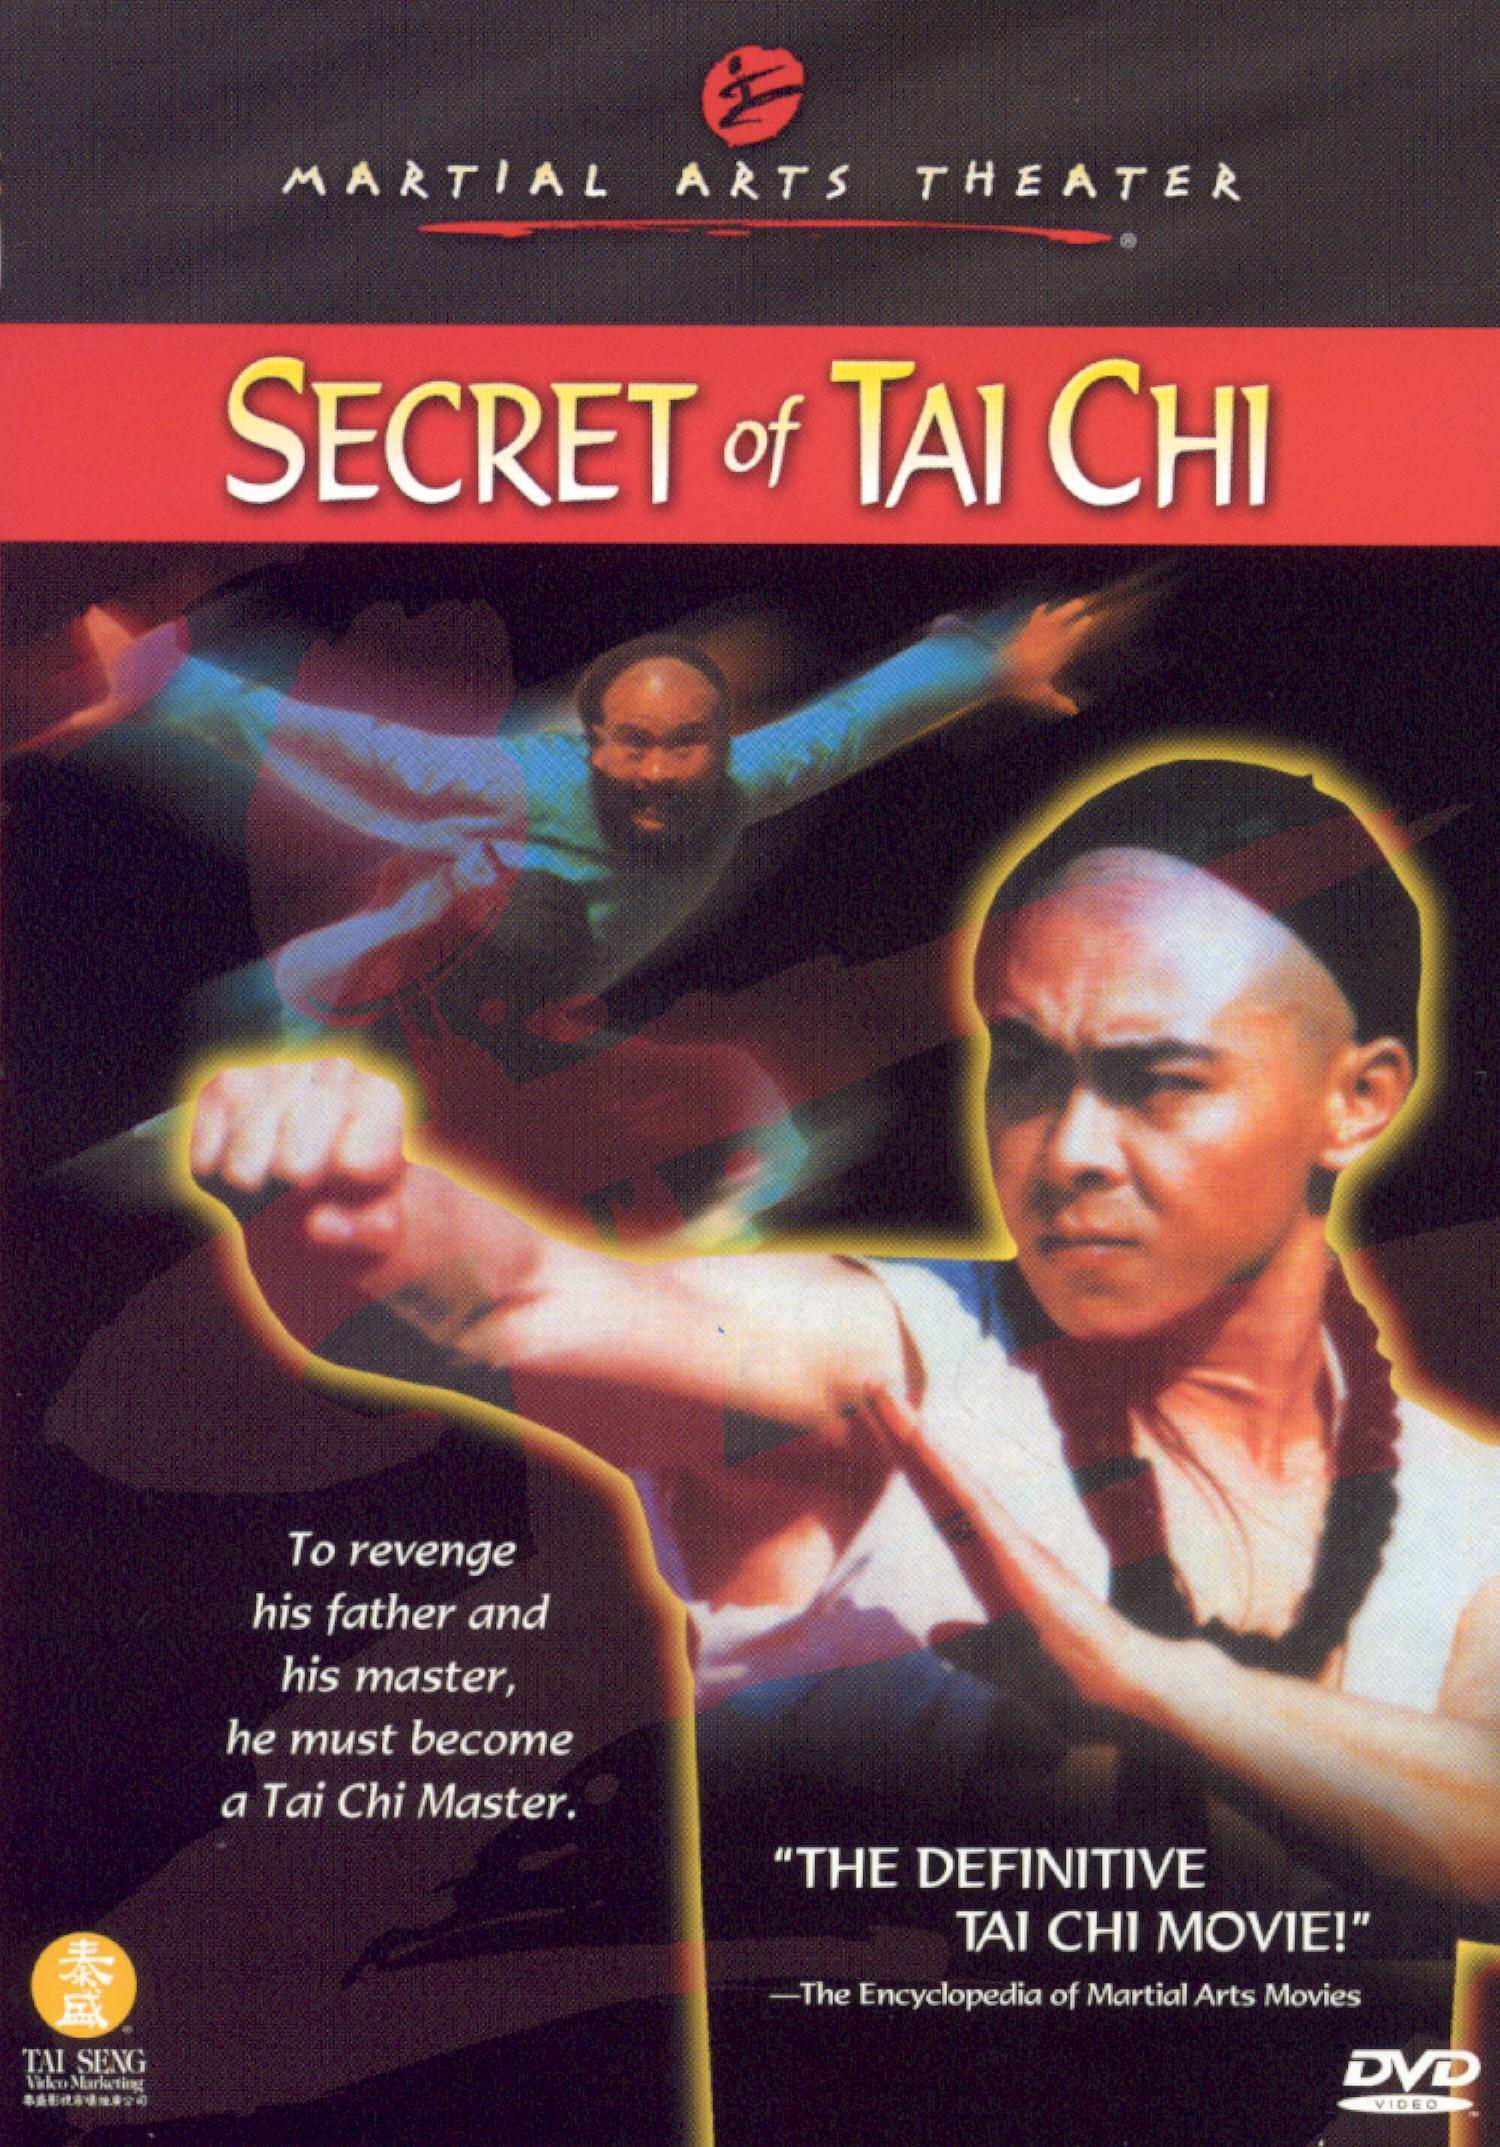 Secret of Tai Chi